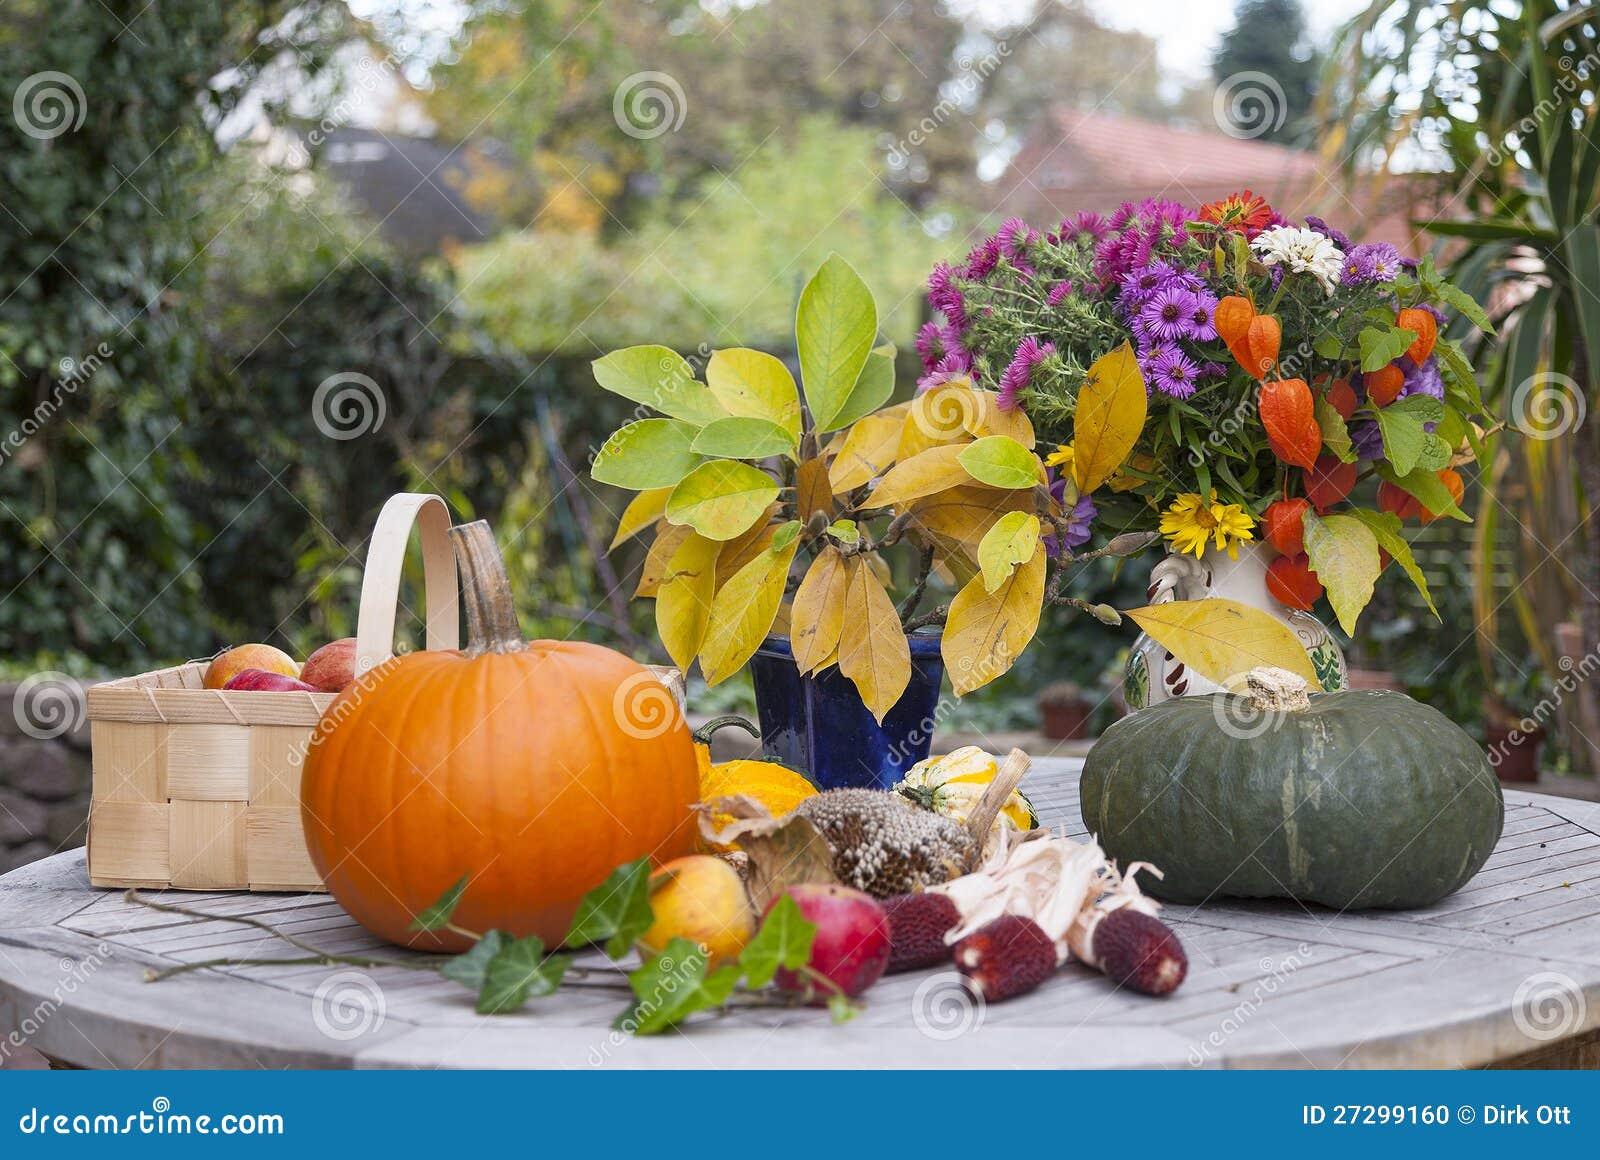 Herfst decoratie stock foto afbeelding bestaande uit for Herfst decoratie